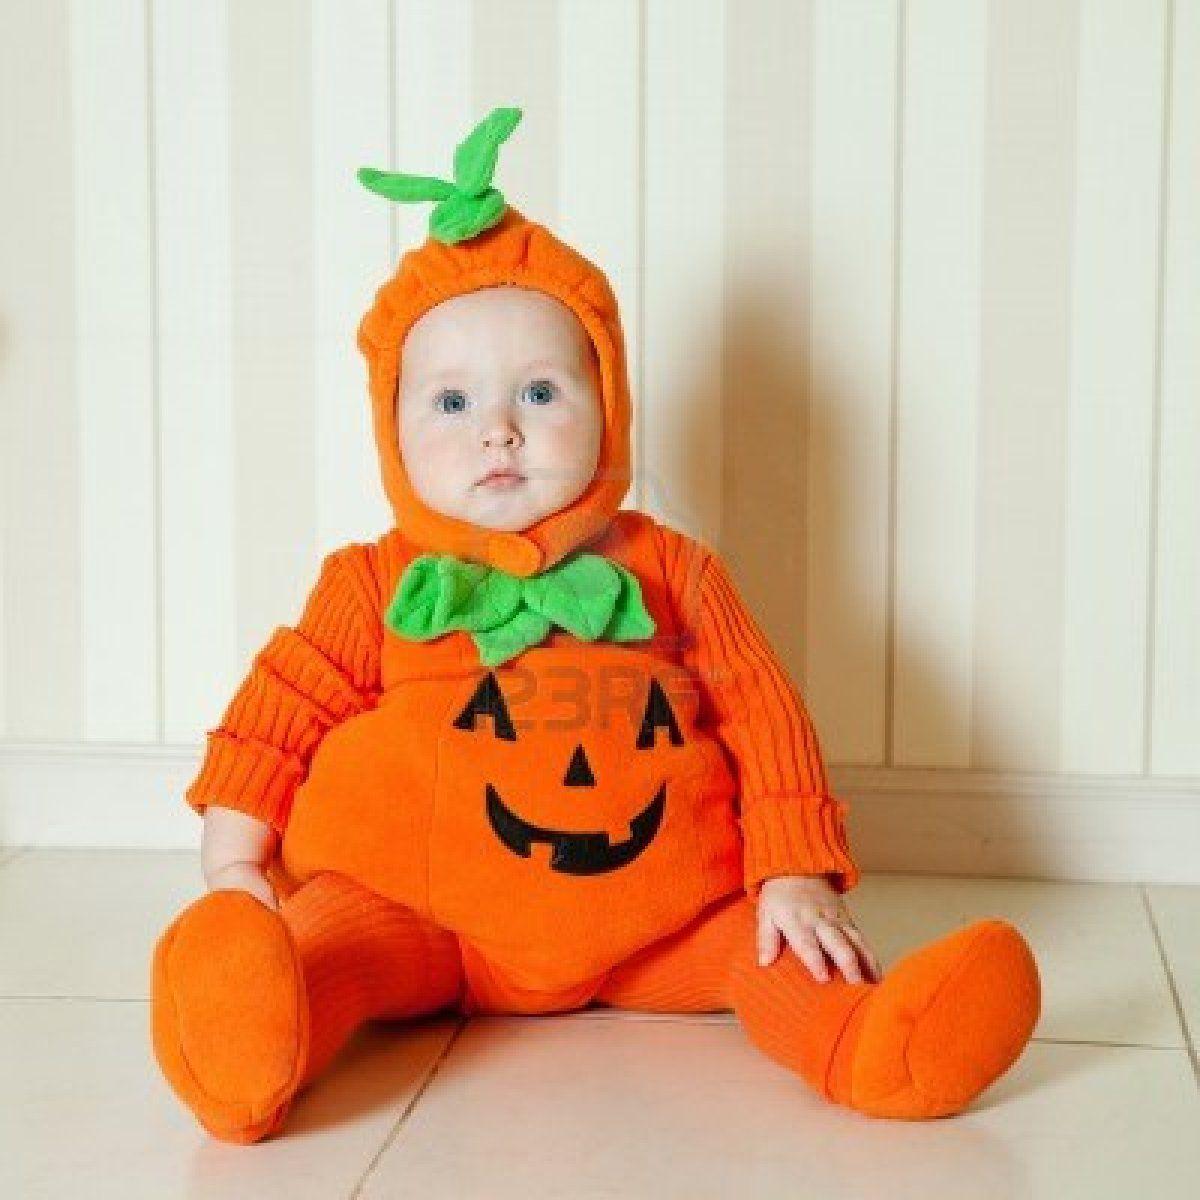 Niños Y Bebés Disfrazados De Calabaza Fotos De Bebés Disfrazados De Disfraces De Halloween Para Bebés Disfraz Calabaza Bebe Disfraces De Halloween Infantiles